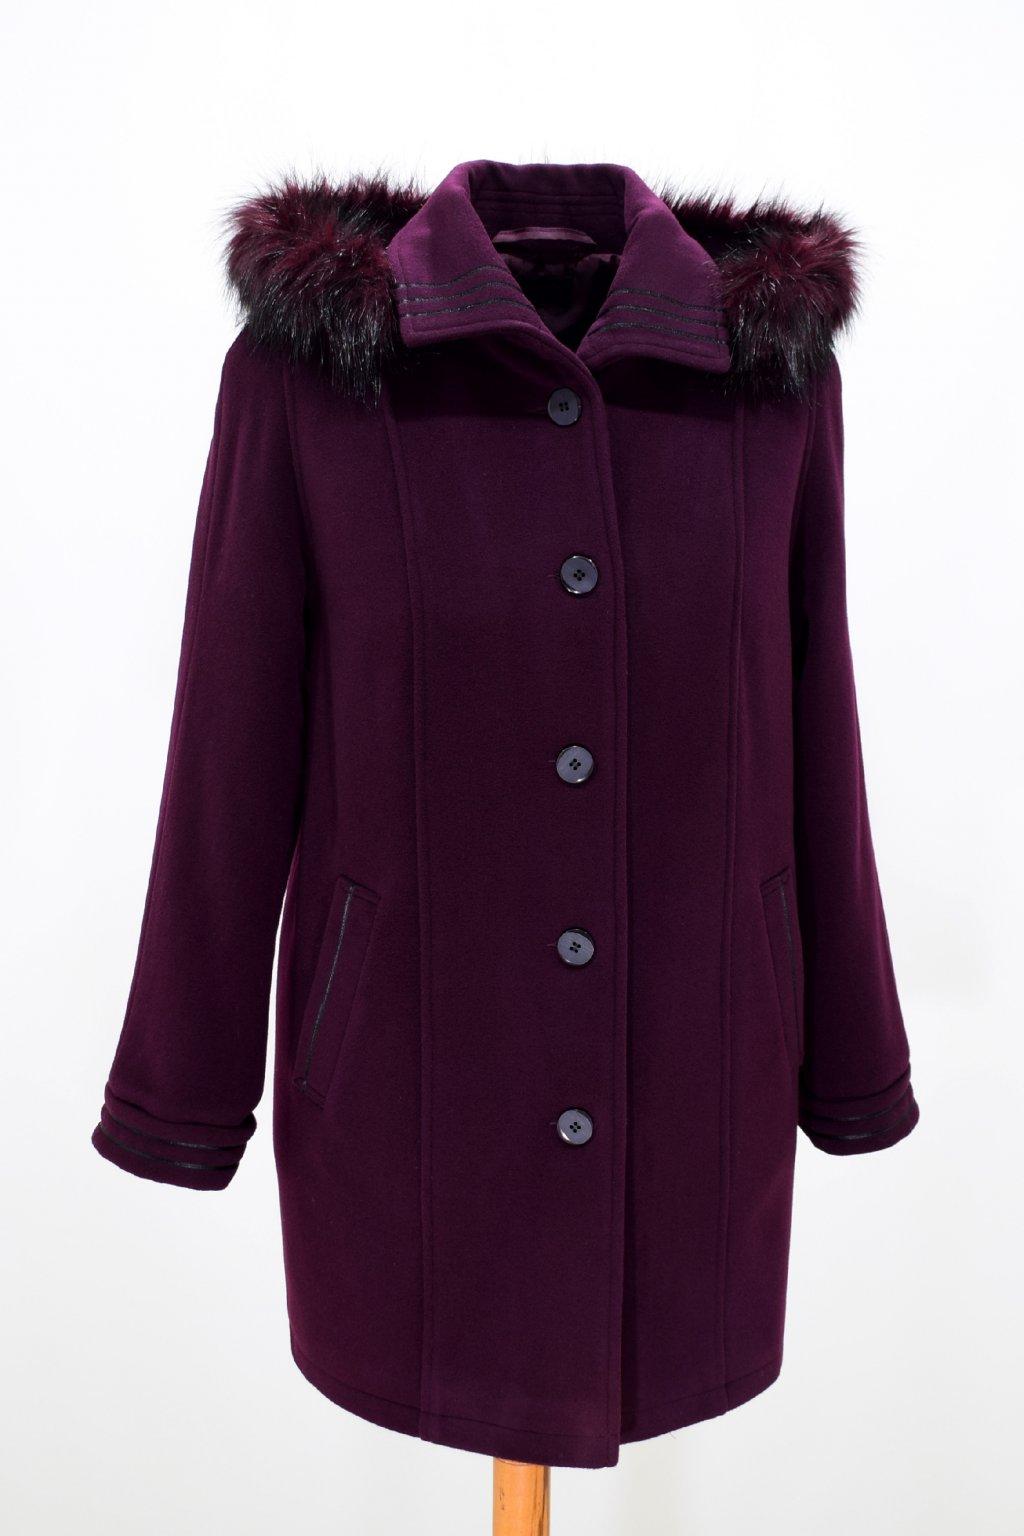 Dámský bordo zimní kabát Renata nadměrné velikosti.